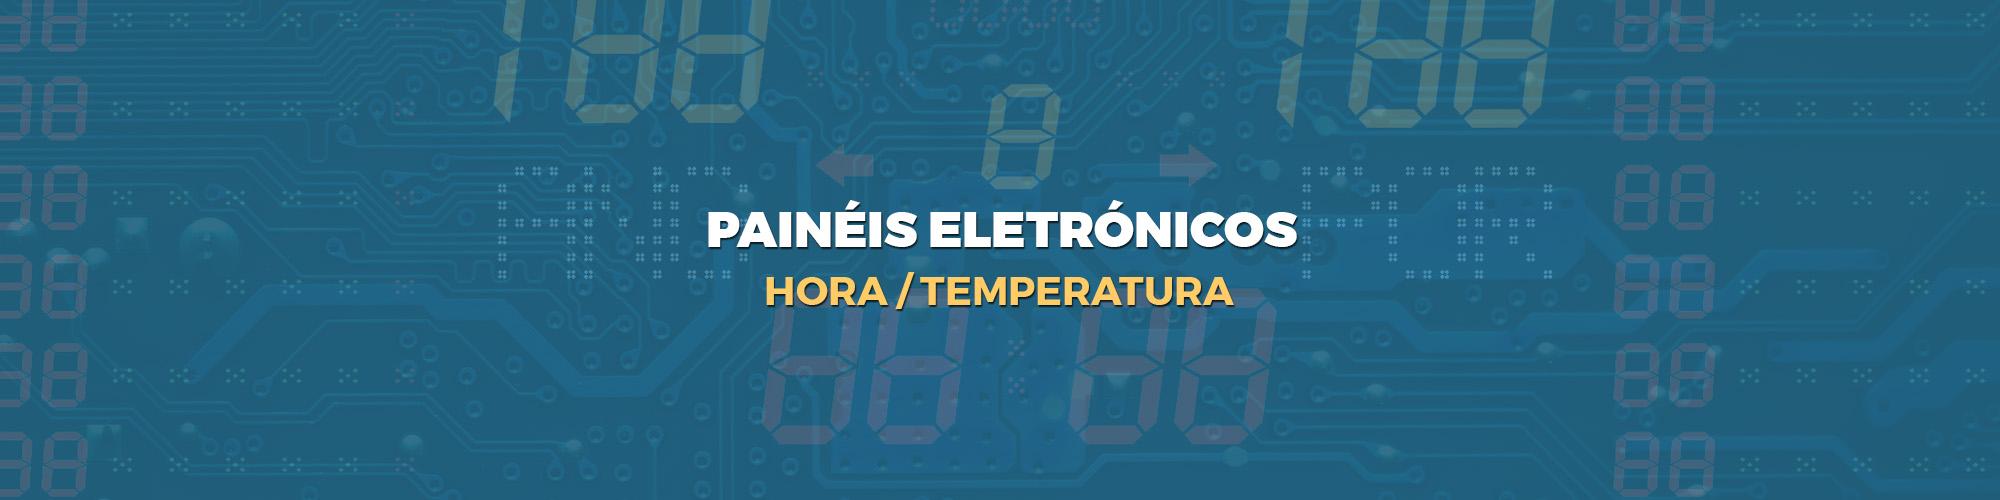 Paineis eletronicos - HORA - TEMPERATURA